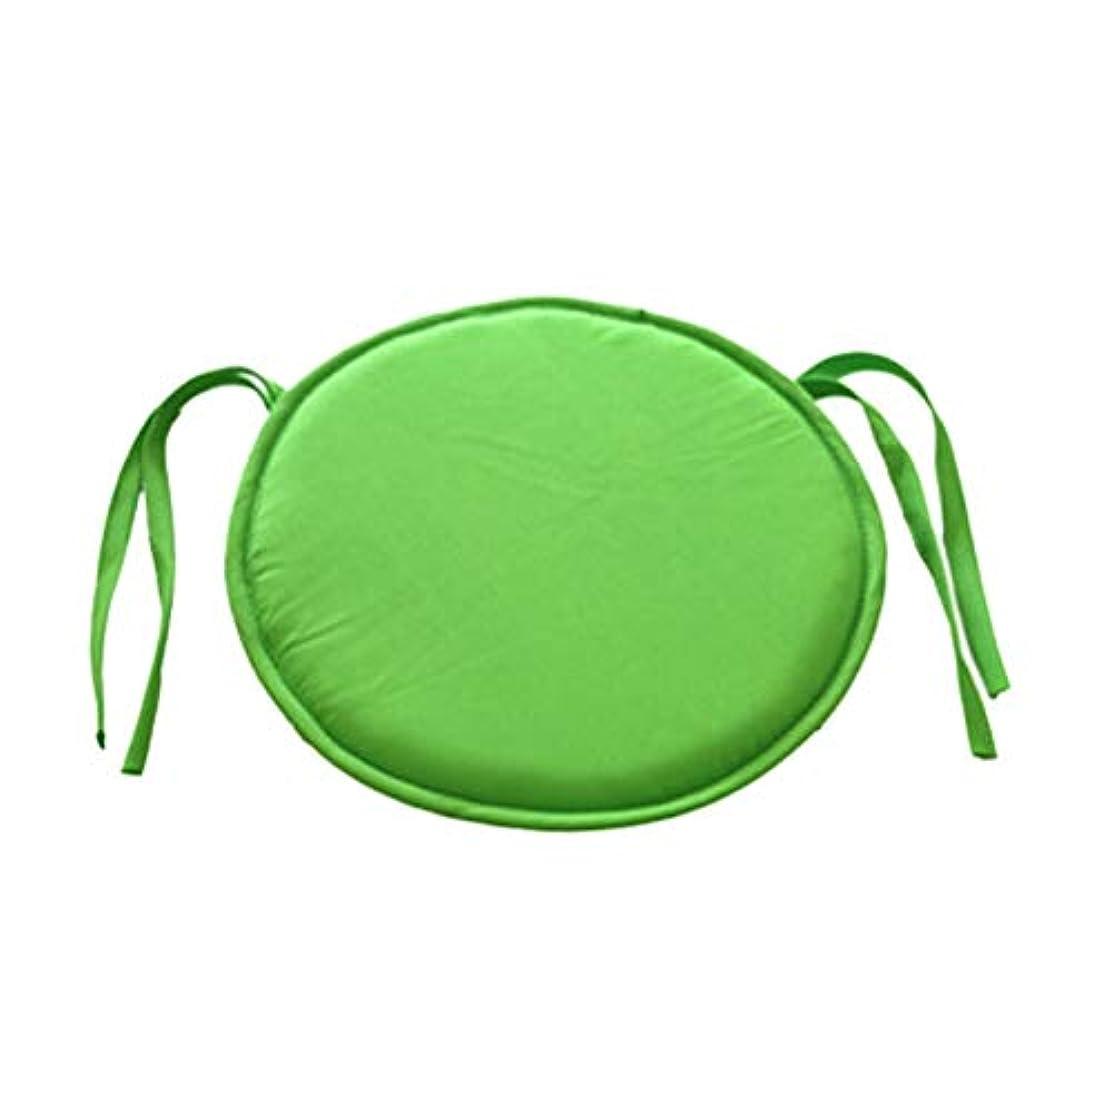 空白観察する葉っぱLIFE ホット販売ラウンドチェアクッション屋内ポップパティオオフィスチェアシートパッドネクタイスクエアガーデンキッチンダイニングクッション クッション 椅子